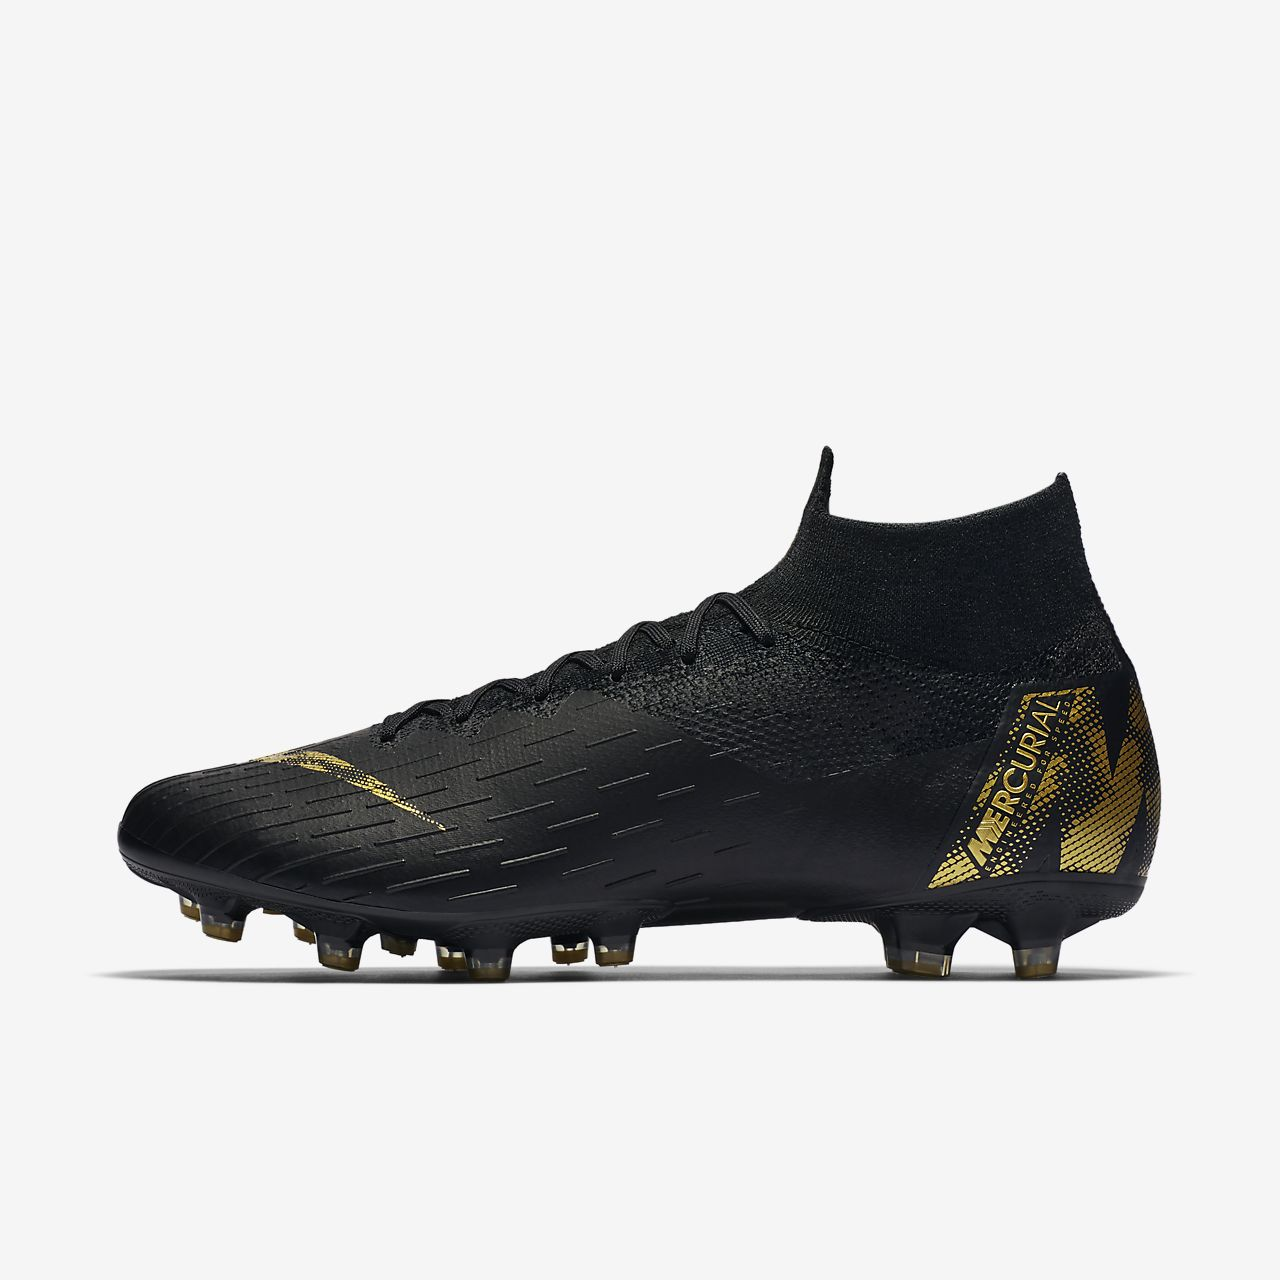 Ποδοσφαιρικό παπούτσι για τεχνητό γρασίδι Nike Mercurial Superfly 360 Elite AG-PRO